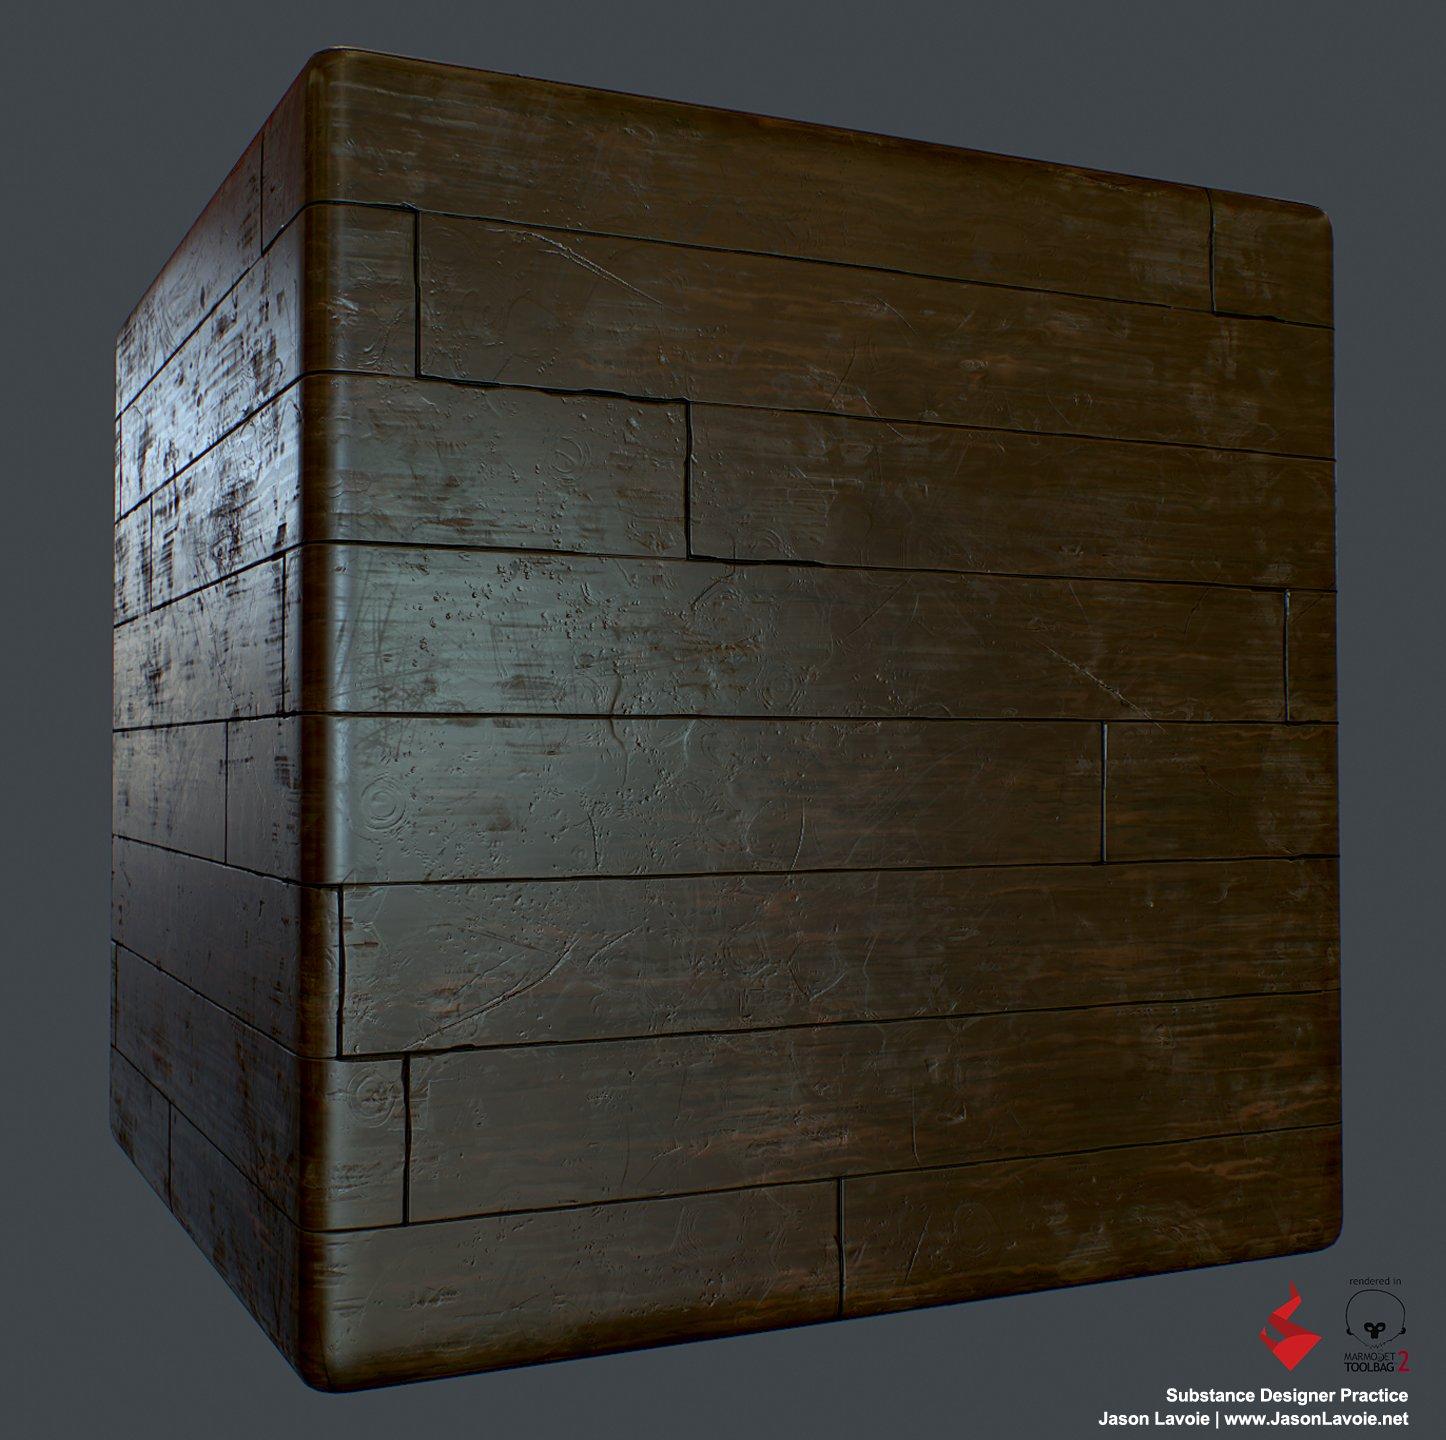 Jason lavoie wood 01